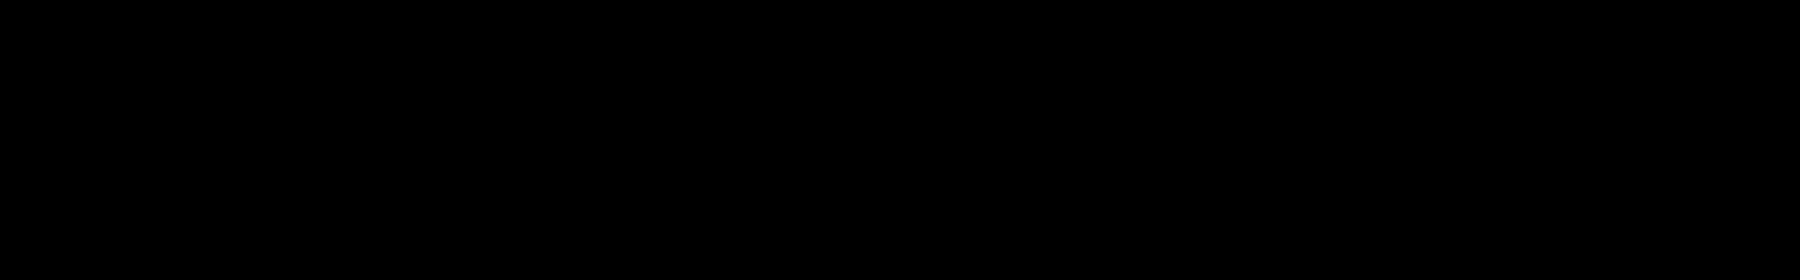 Doors audio waveform